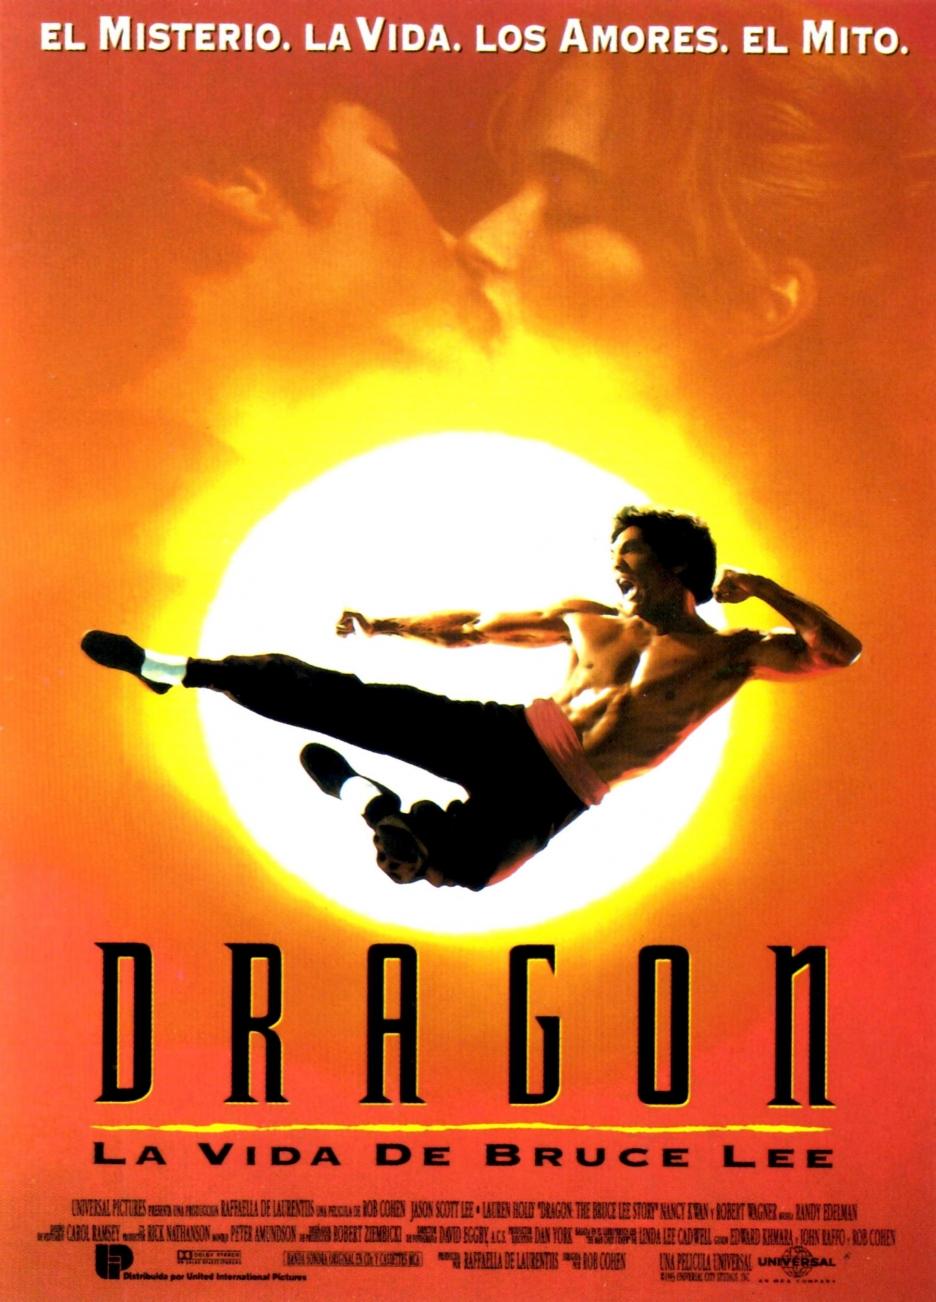 Dragon The Bruce Lee Story (1993) เรื่องราวชีวิตจริงของ บรู๊ซ ลี (ซับไทย)